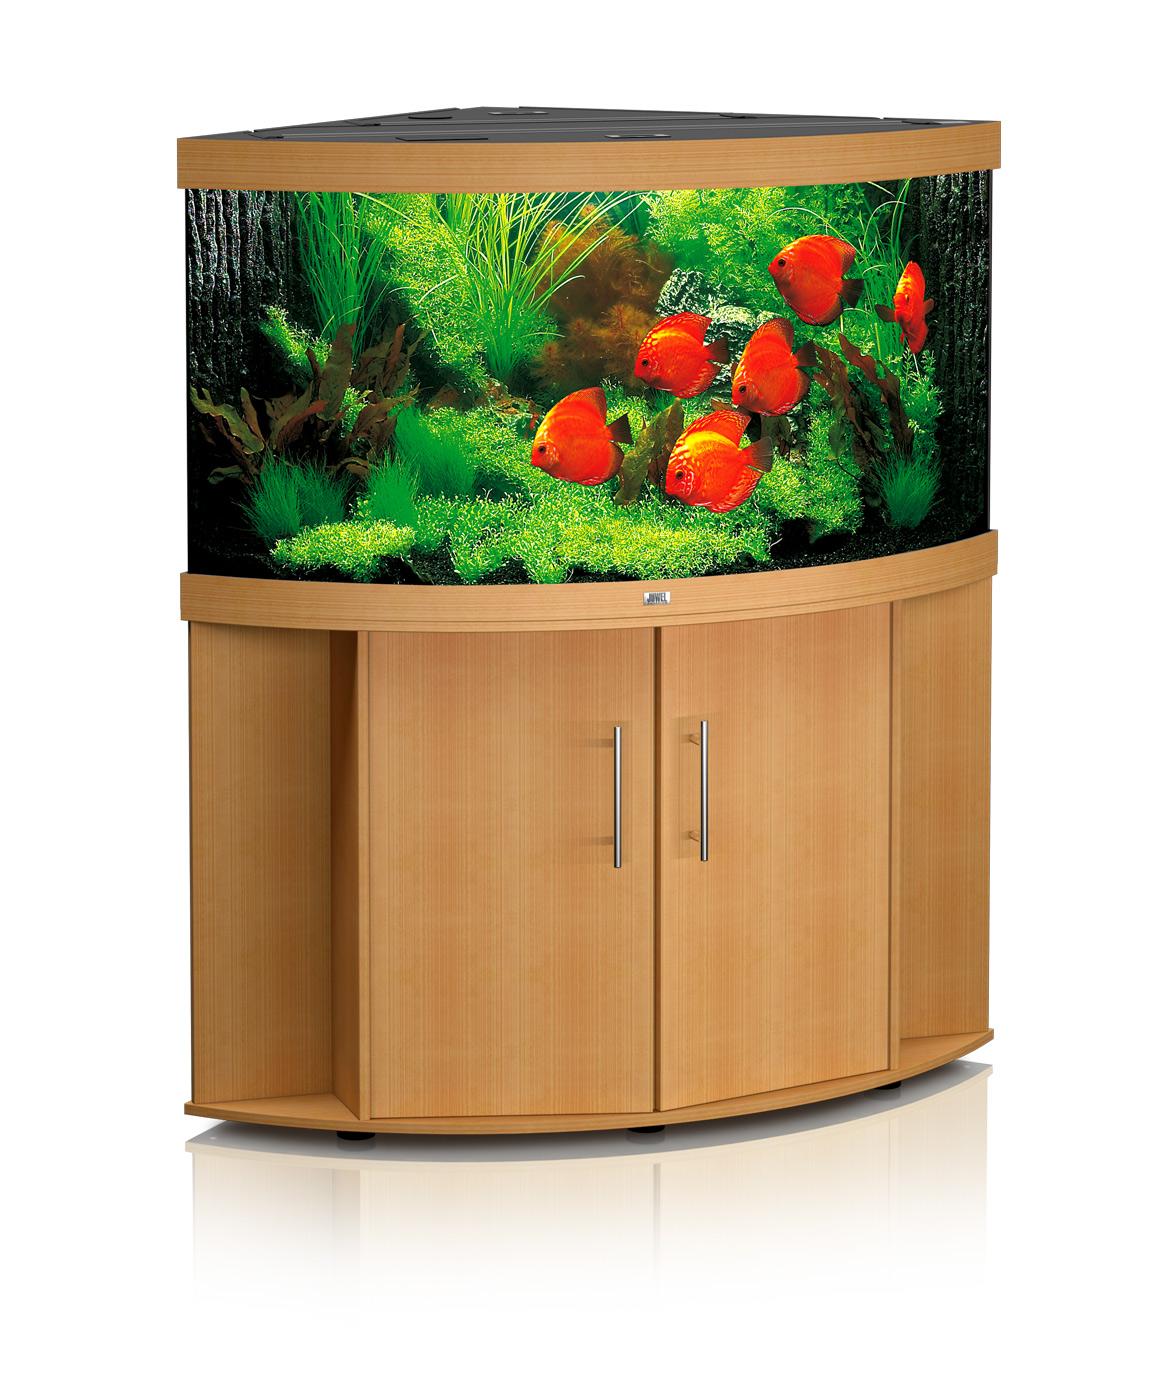 Juwel aquarium fish tank - Trigon 350 Beech Juwel Trigon 350 Aquarium